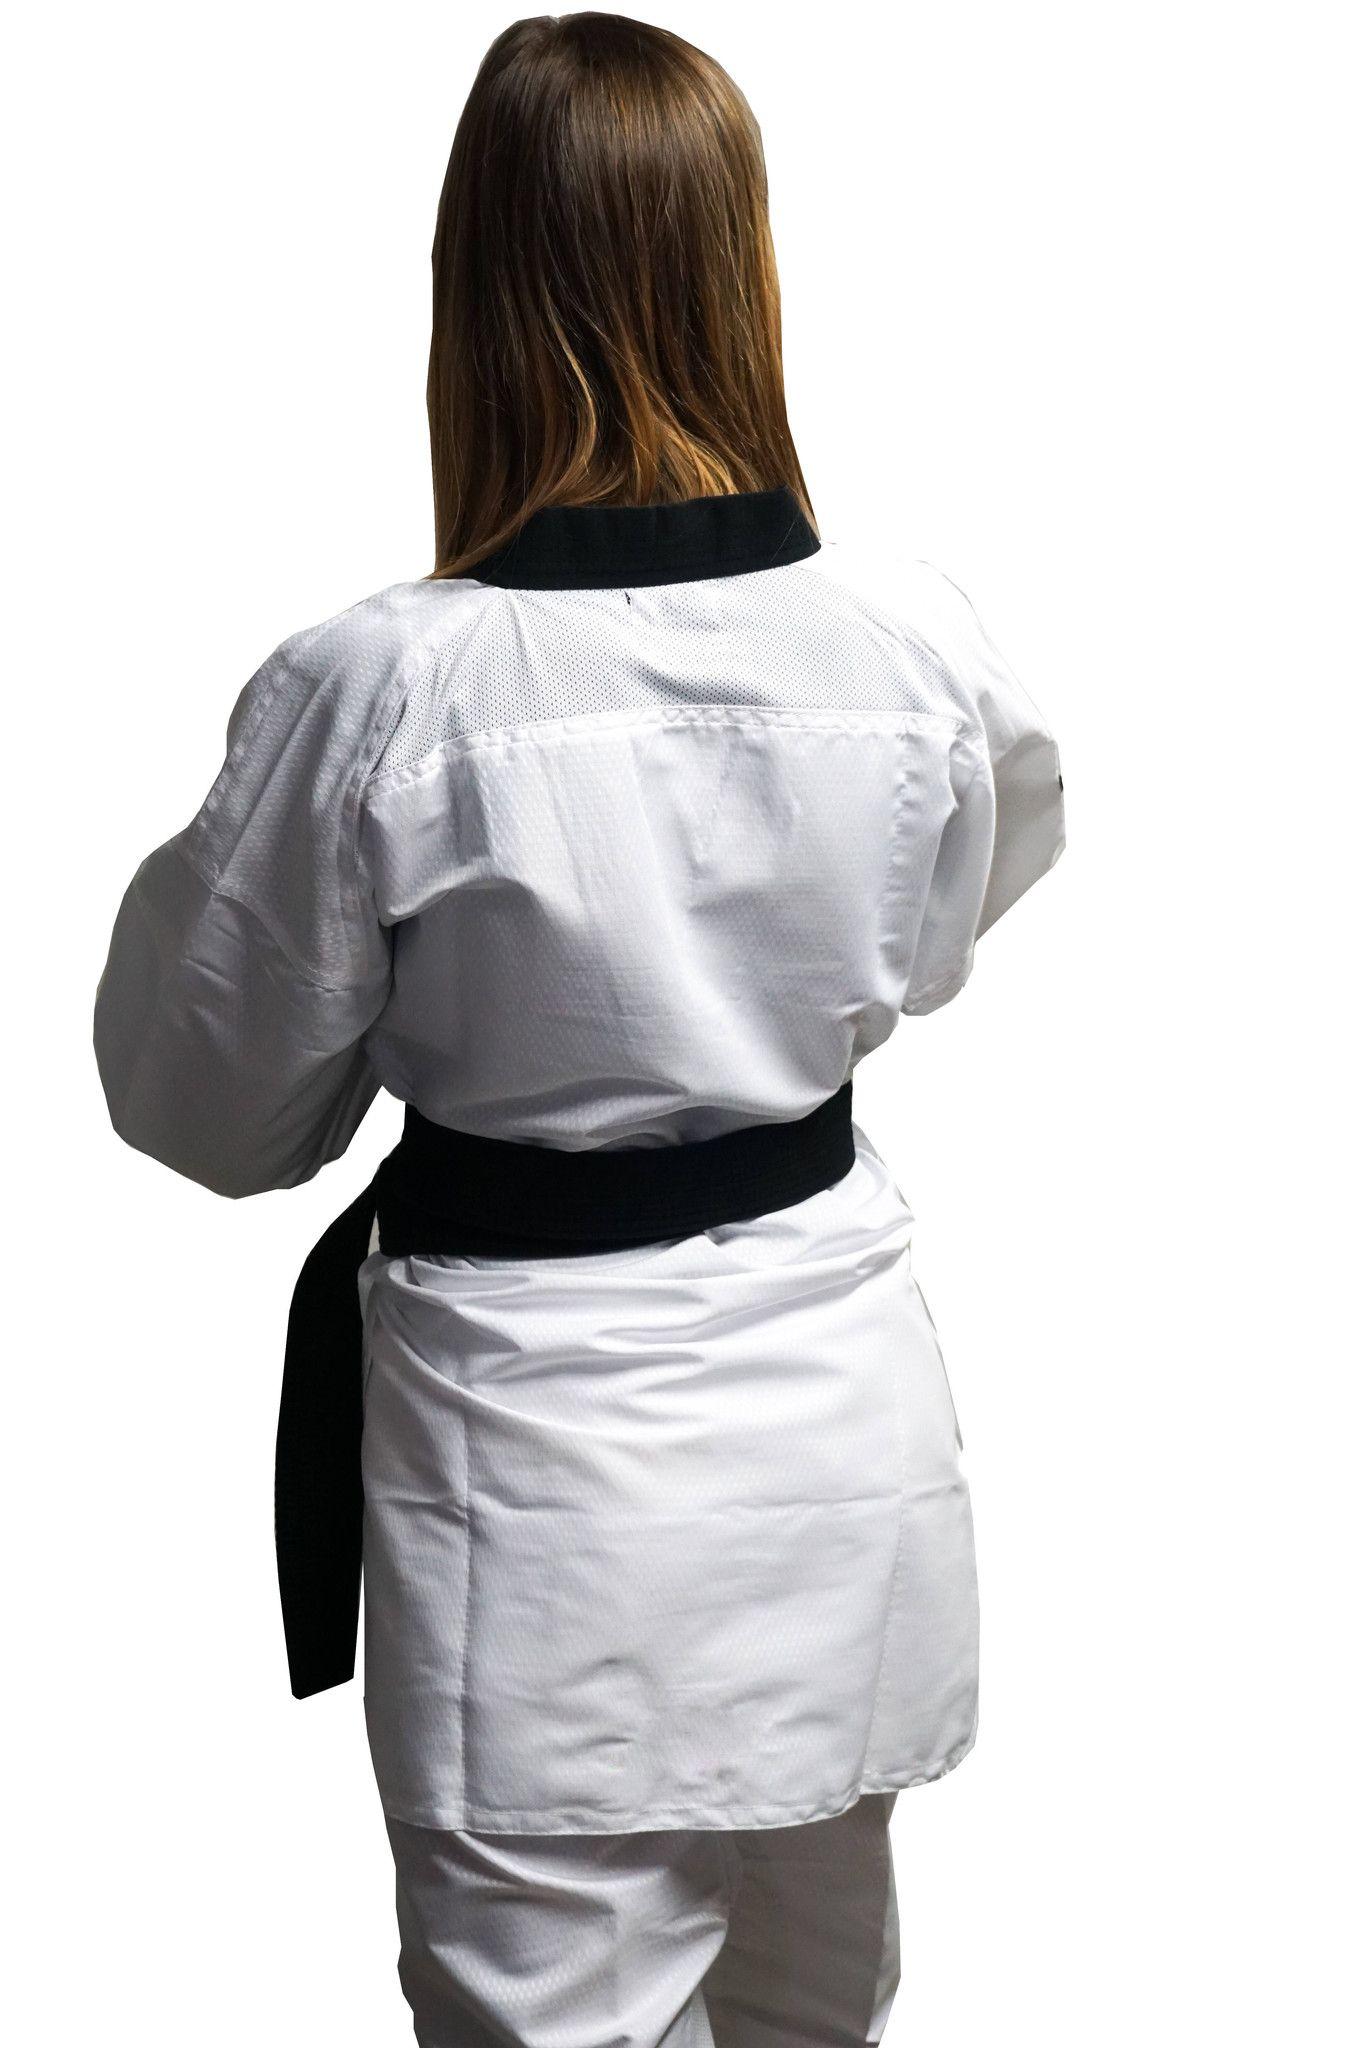 Dobok Ultraleggero per Taekwondo Tusah Easyfit Fighter collo Nero Omologato WT WTF per competizioni ed allenamenti